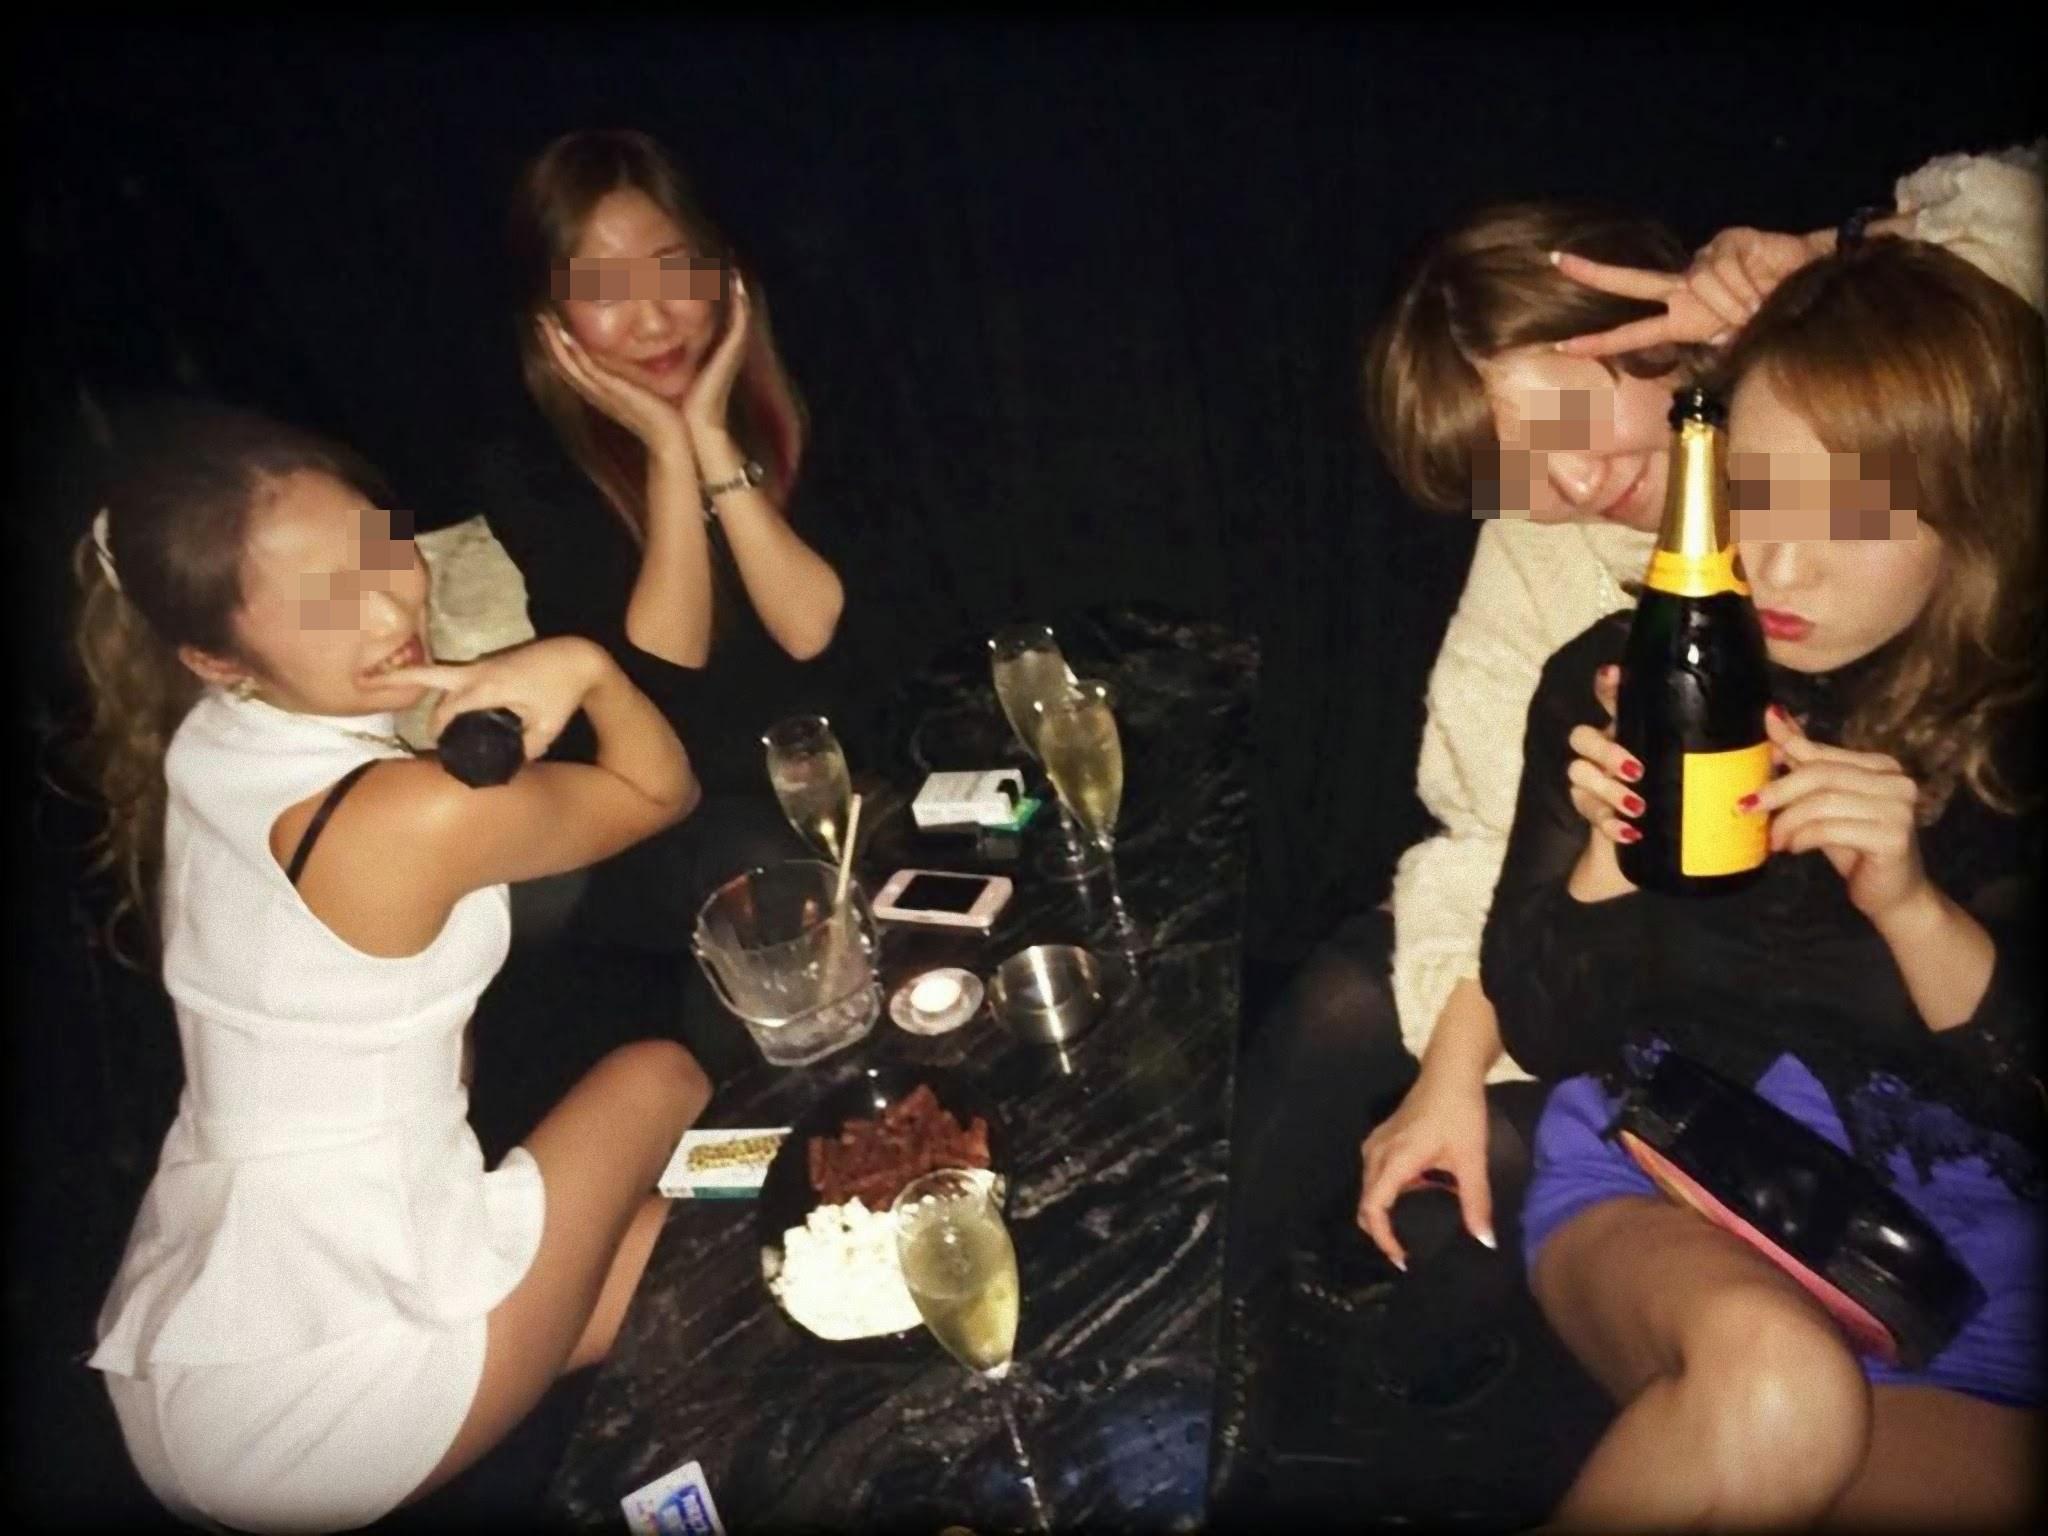 素人女子がプライベートで友達と悪ノリした時のおふざけエロ画像 1233